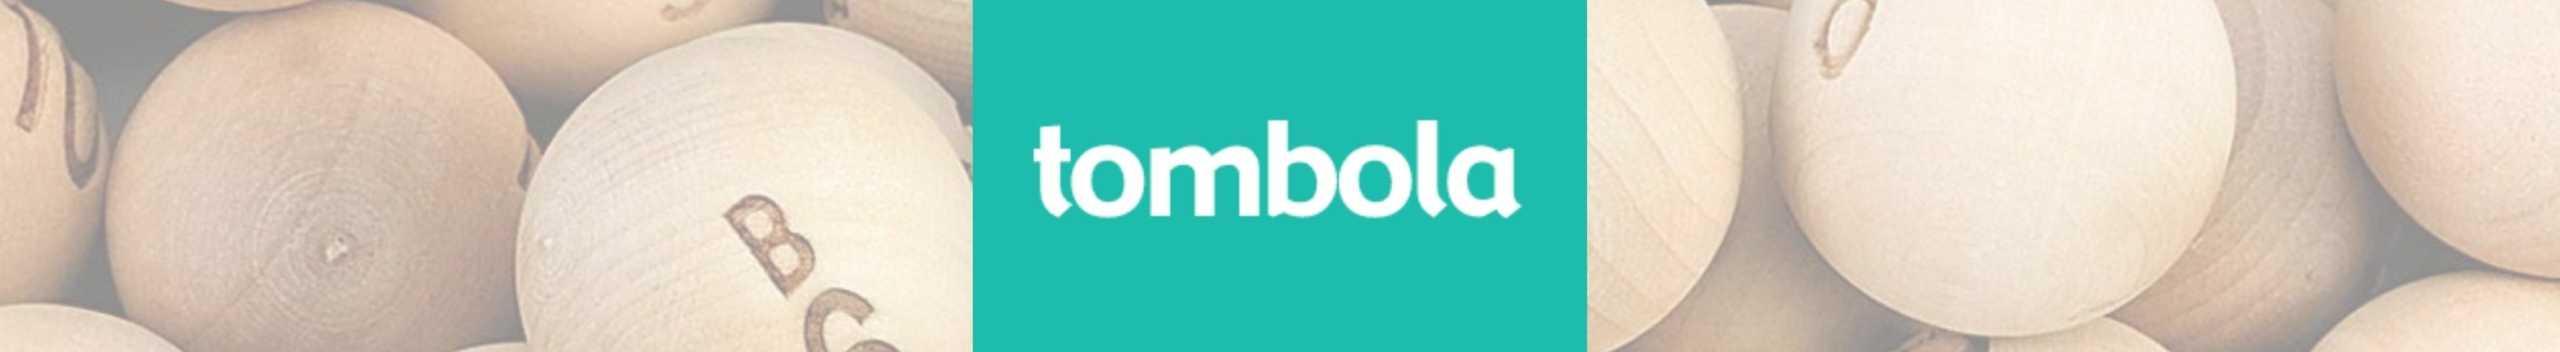 Tombola online bingo spelen